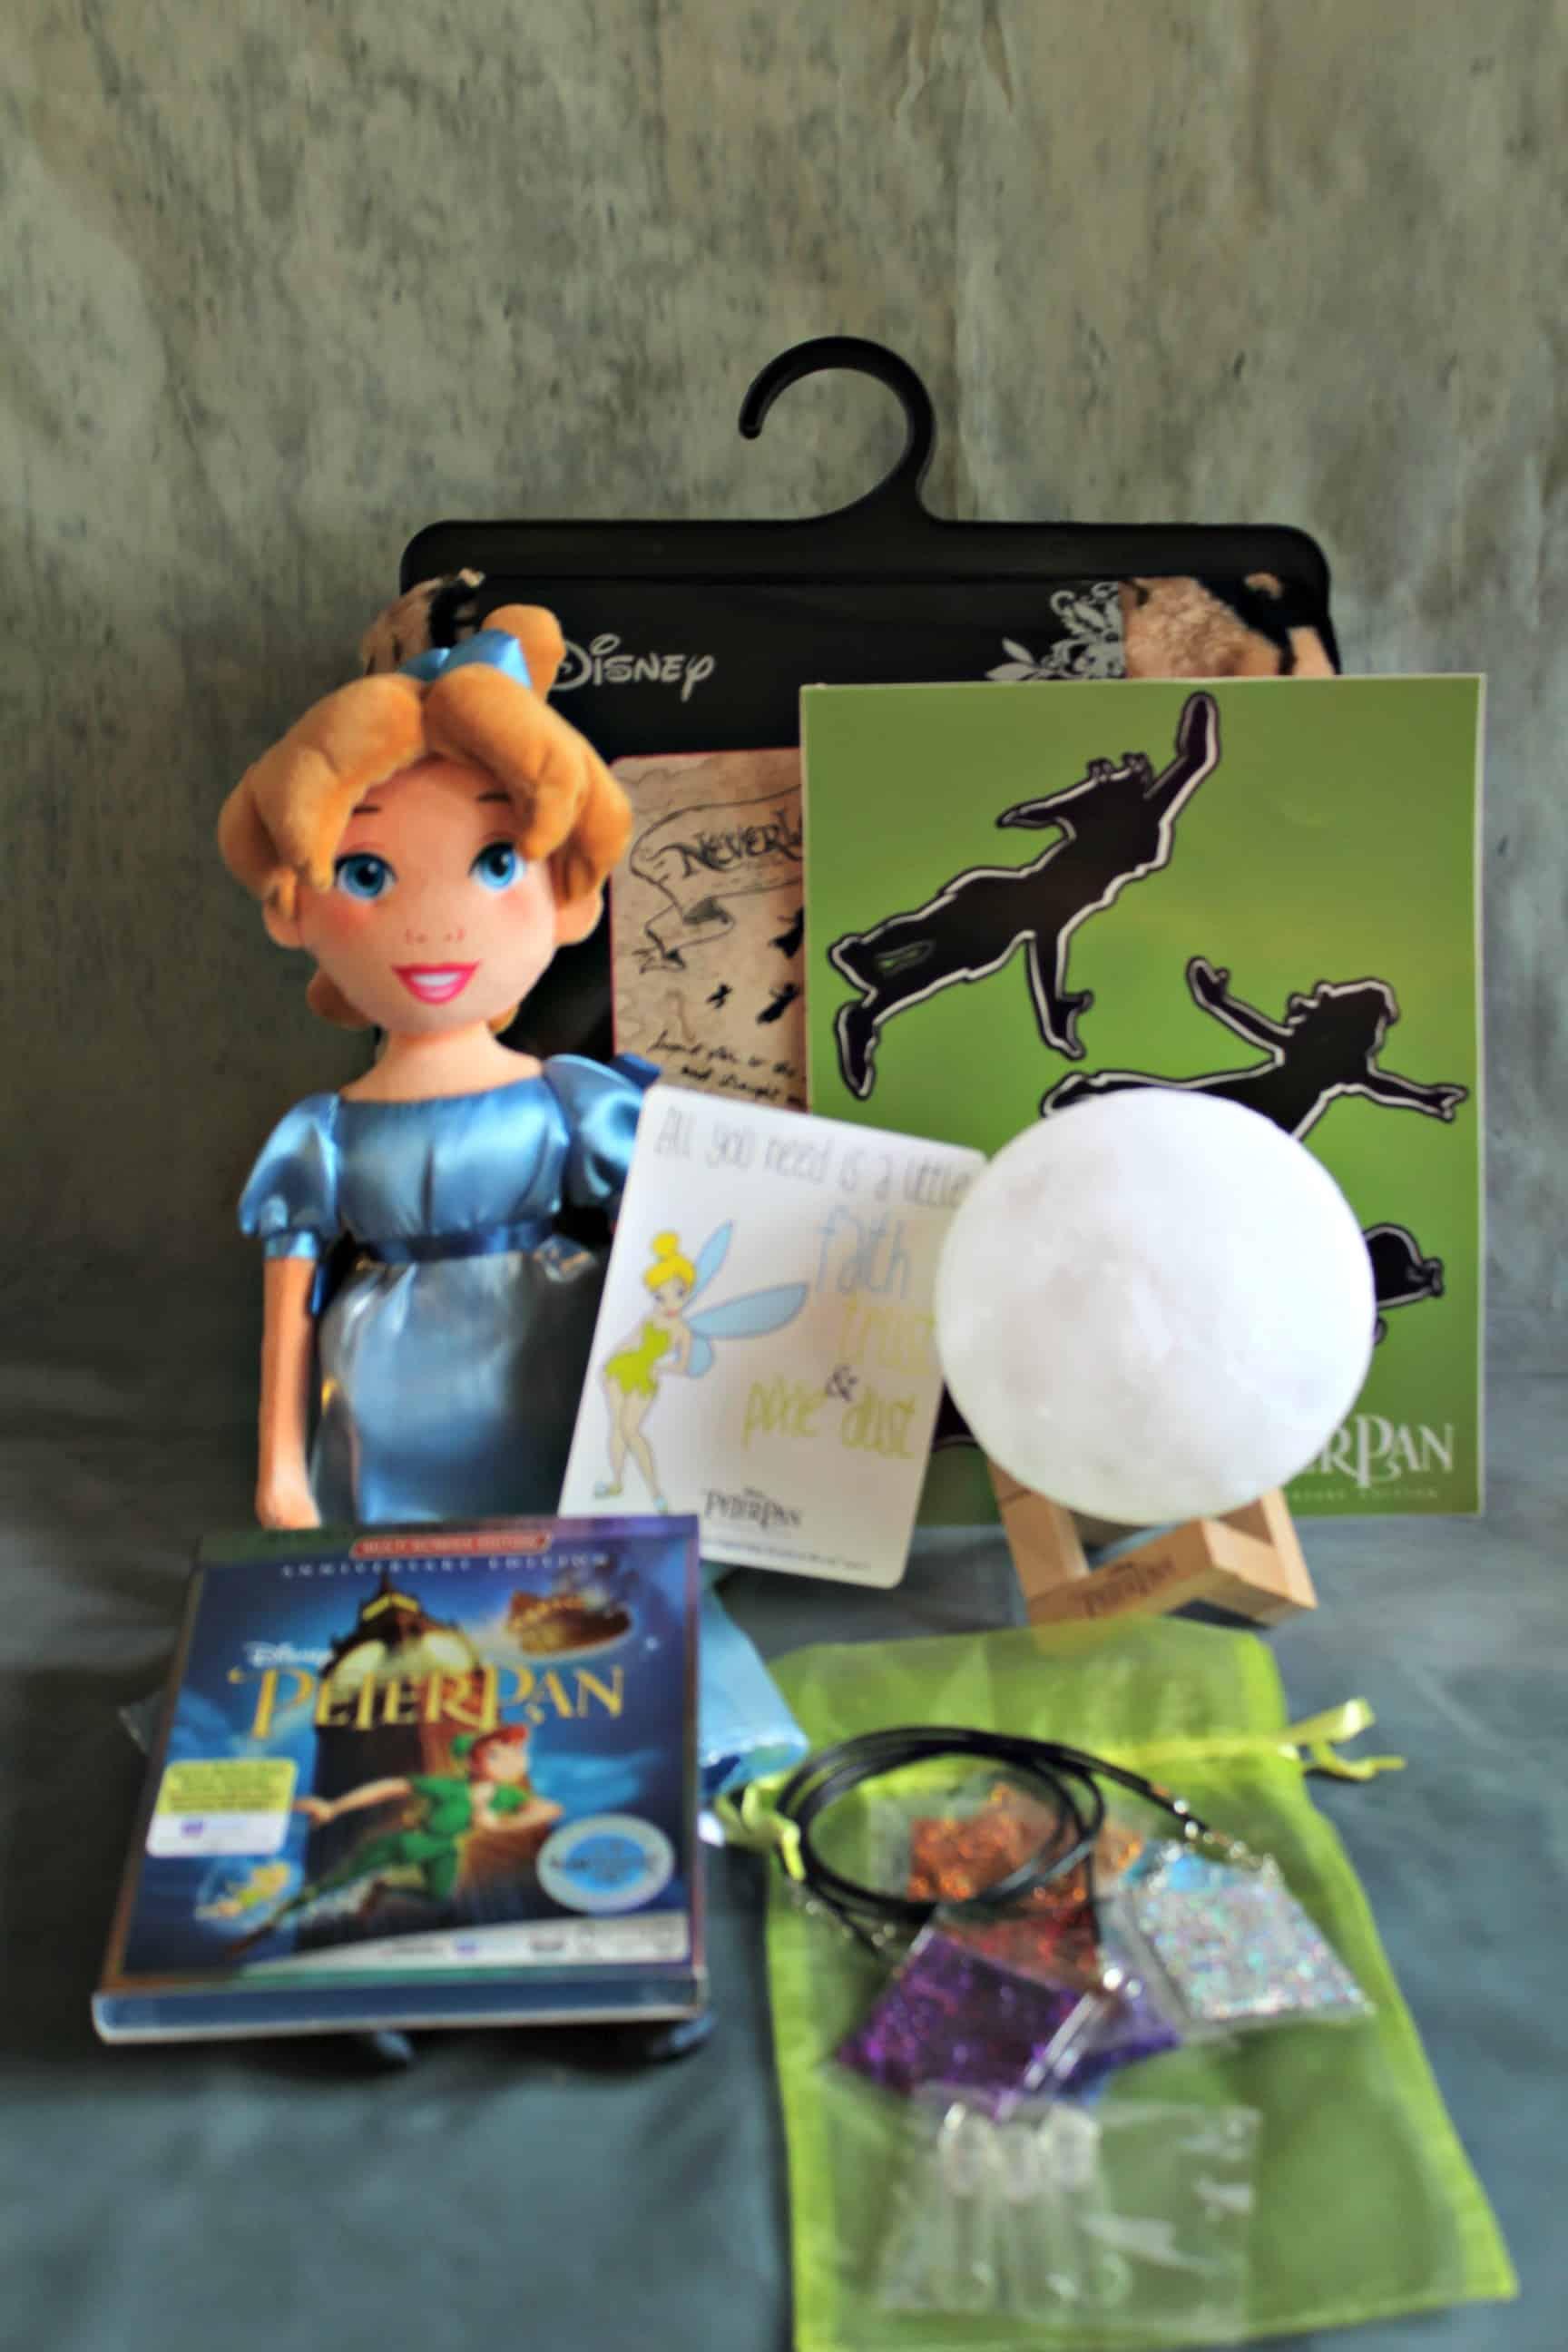 Peter Pan Activities